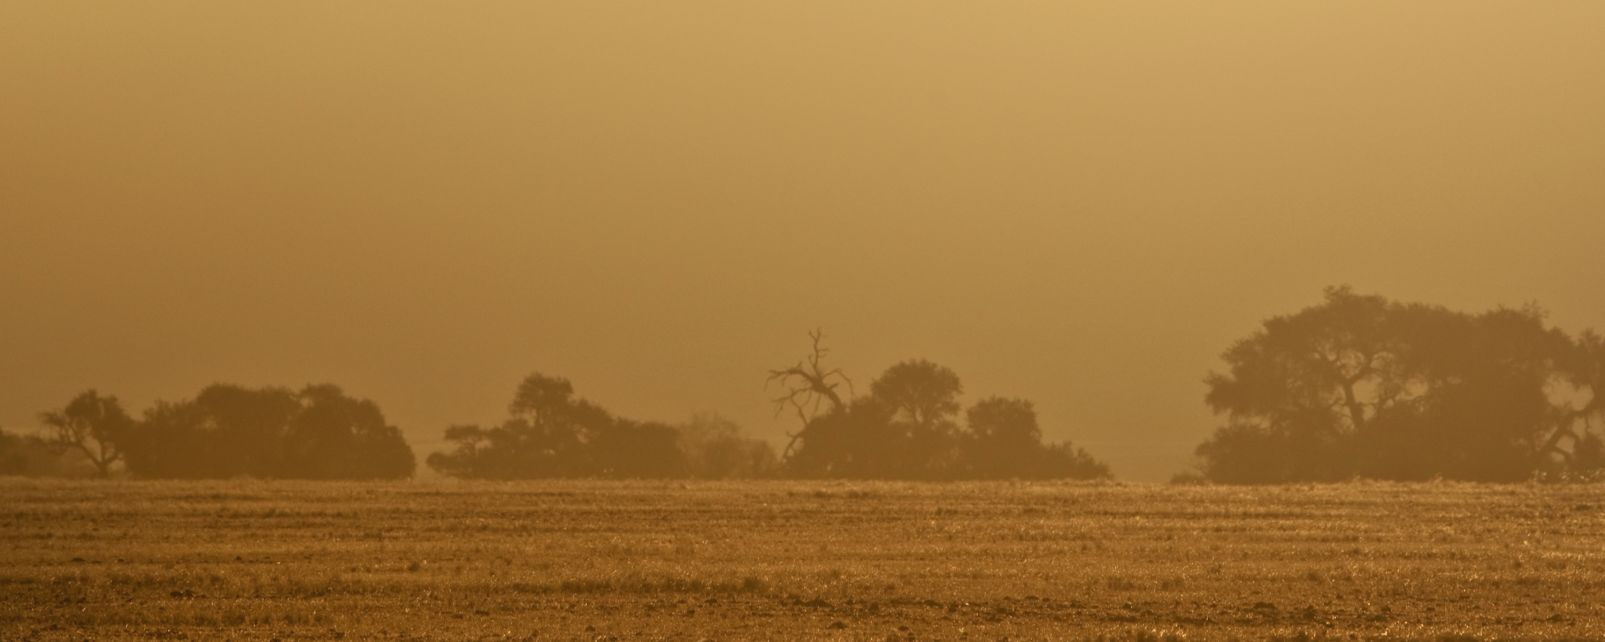 La pista di Niem, La strada di Niem, I paesaggi, Repubblica Centrafricana